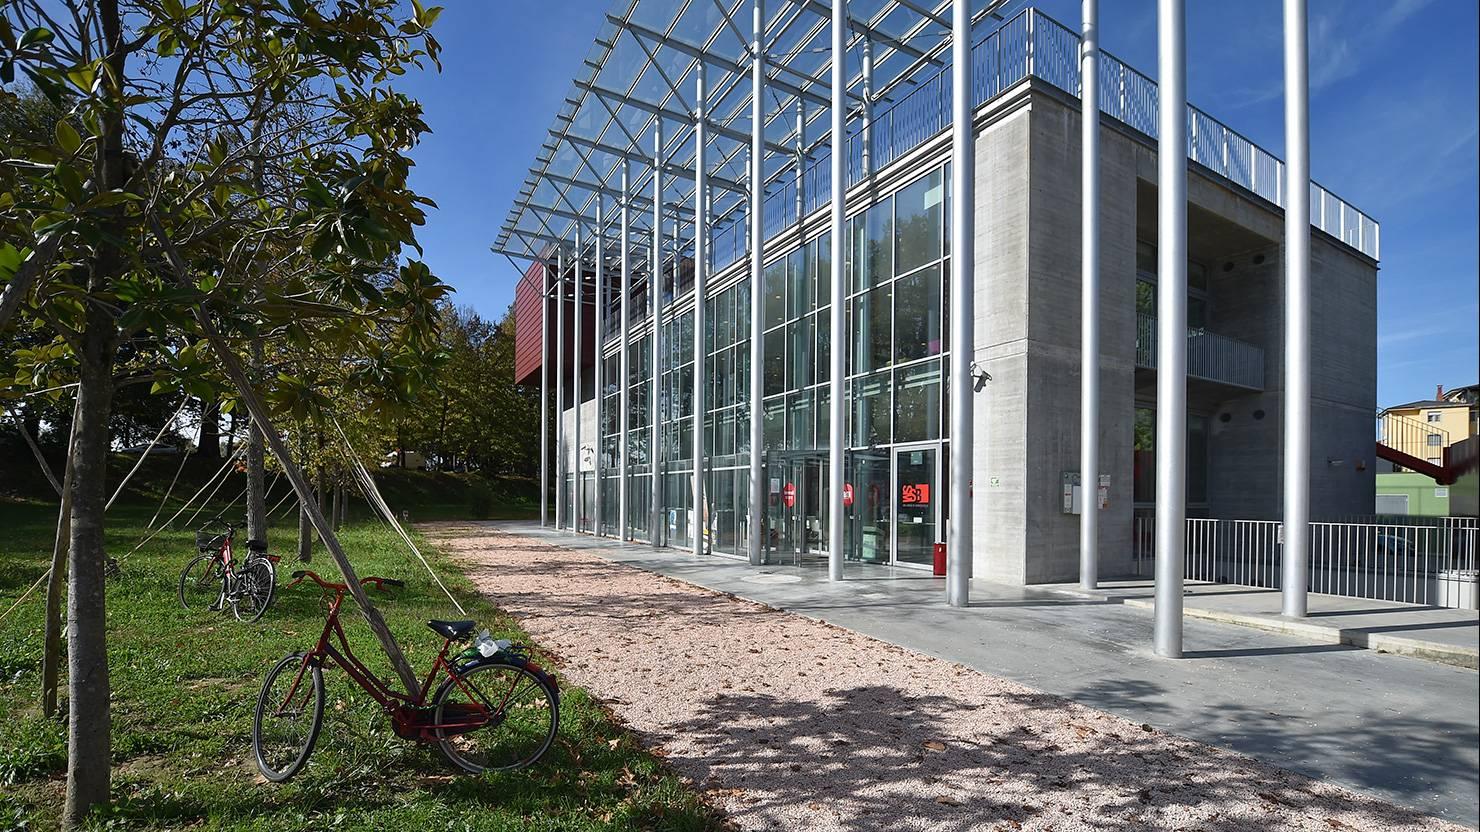 facciata-acciaio-zincato-biblioteca-di-pisa-mario-pasqualetti-e-fabio-daole-3_project_big